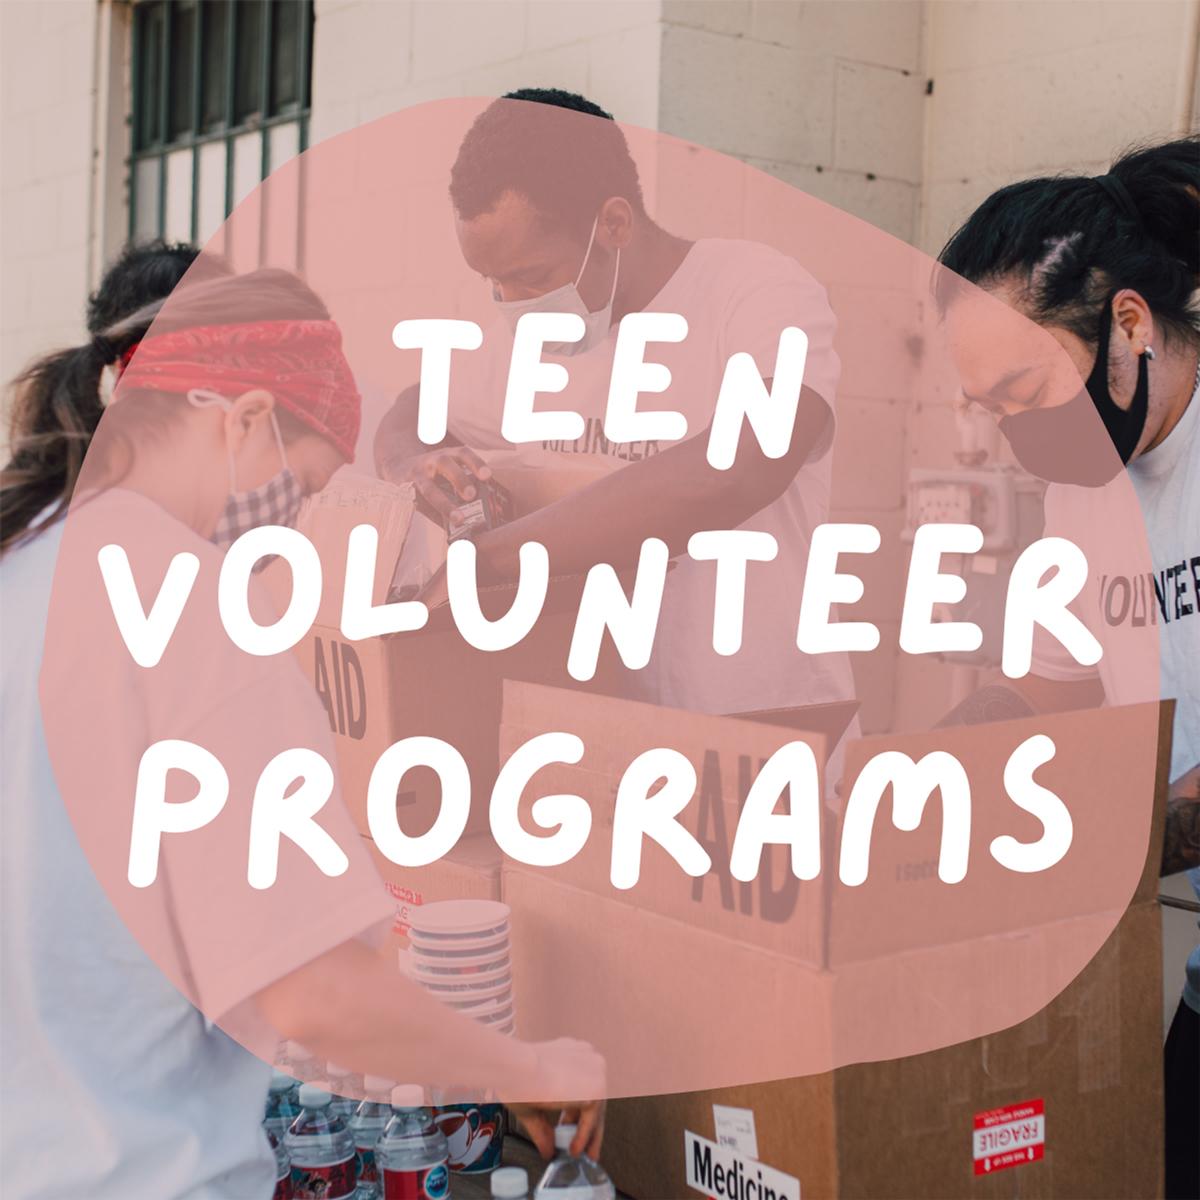 Teen Volunteer Programs